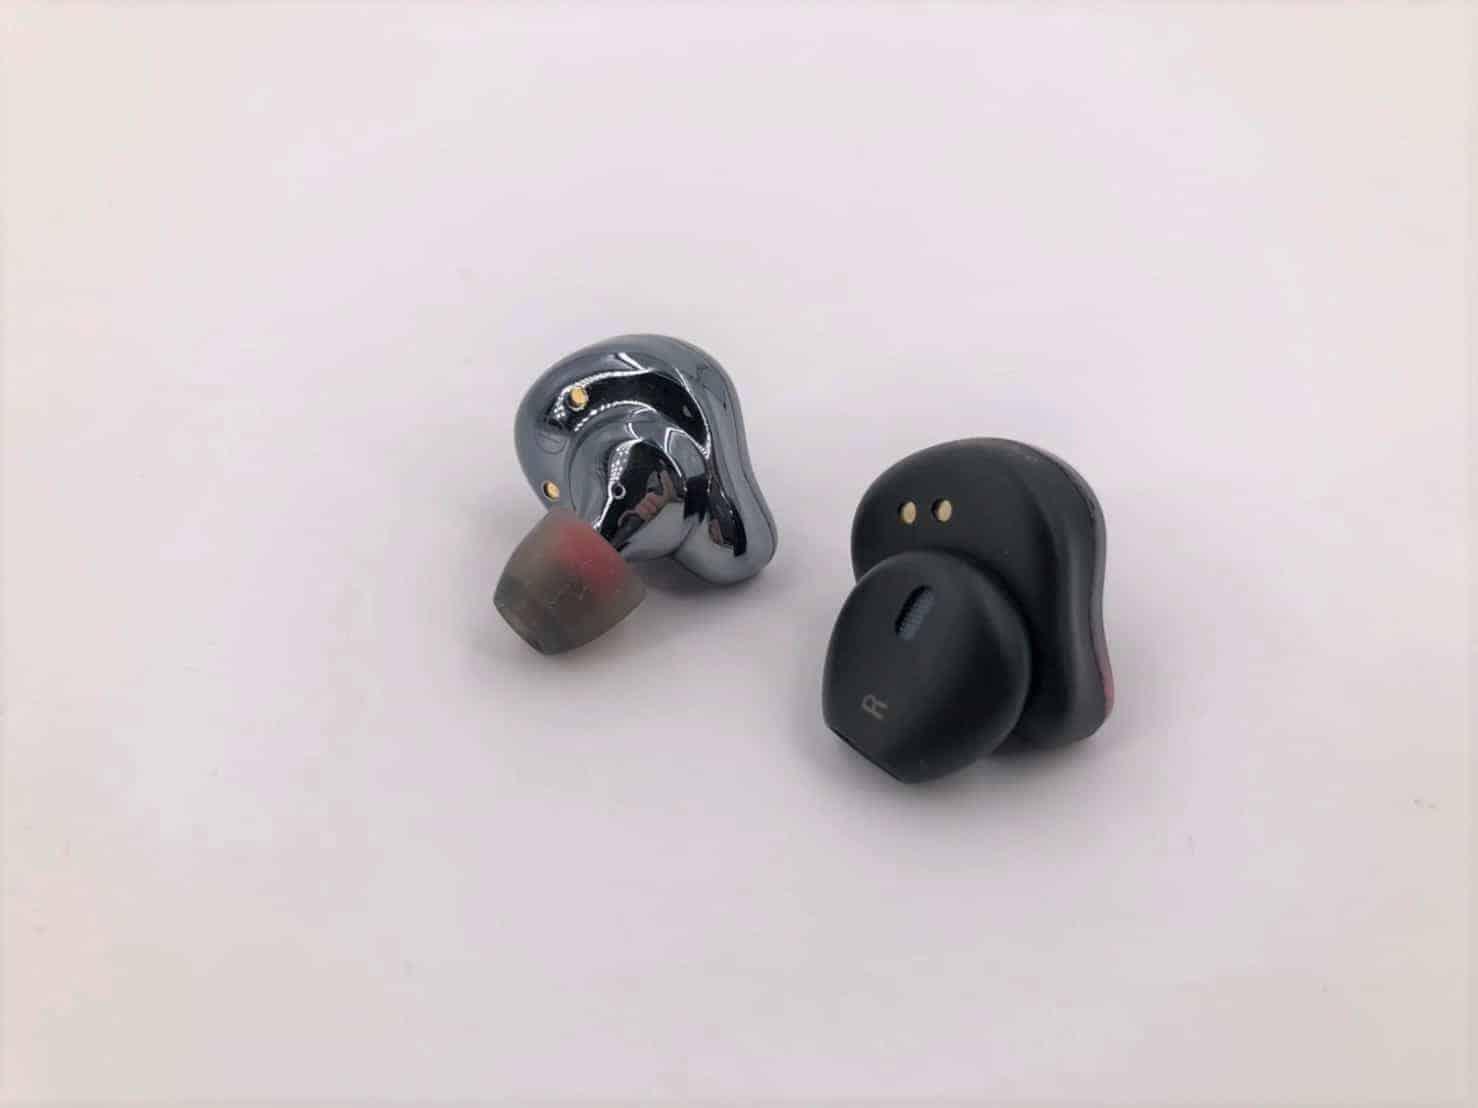 2019年人人都該擁有的真無線藍芽耳機推薦 - Sabbat E12真無線耳機